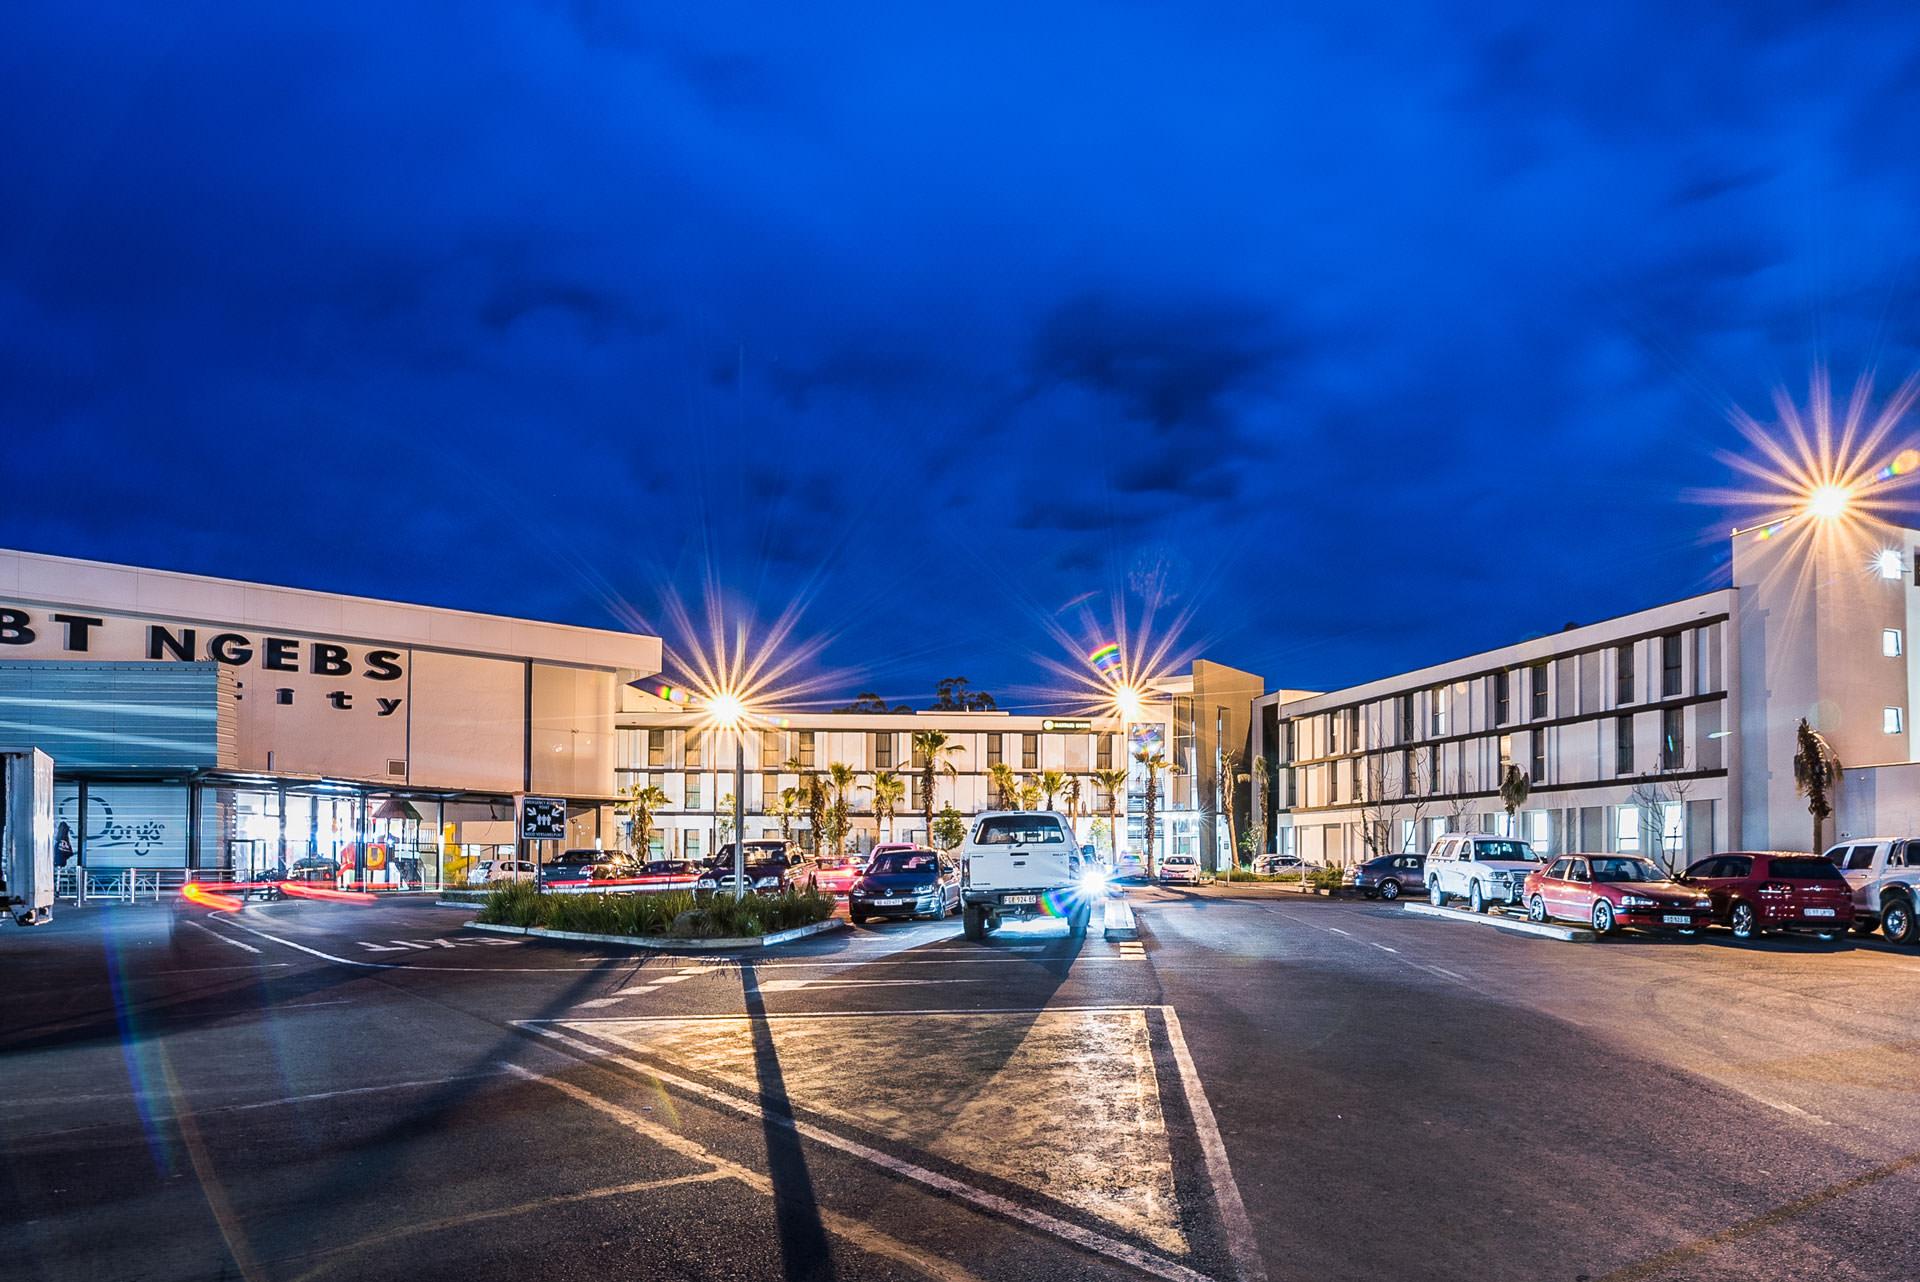 BT Ngebs City | Mayfair Hotel